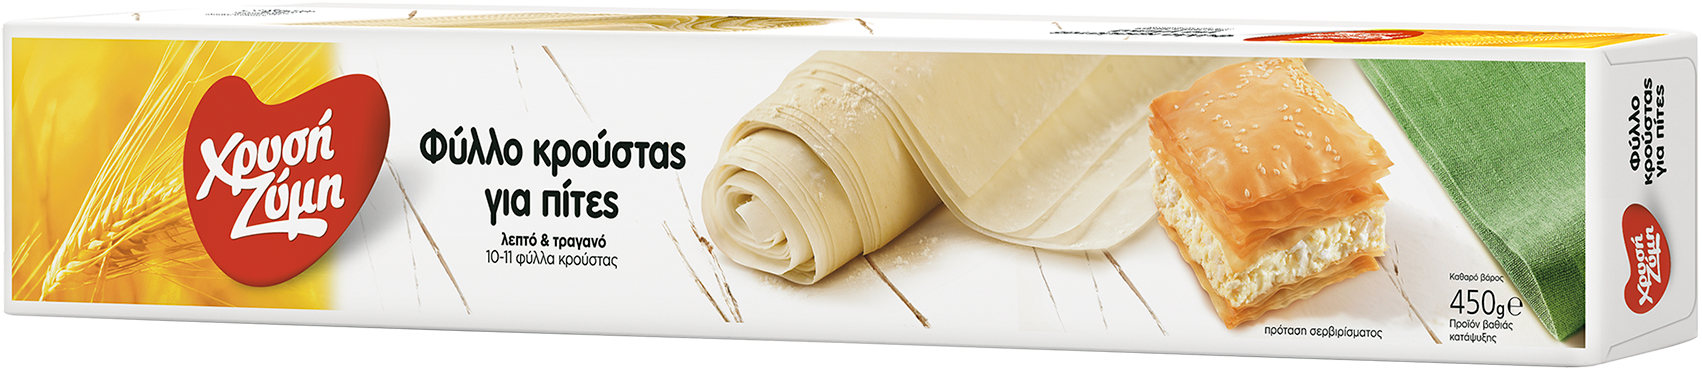 Γρήγορη αρωματική Σπανακόπιτα σε Φύλλο Κρούστας Χρυσή Ζύμη